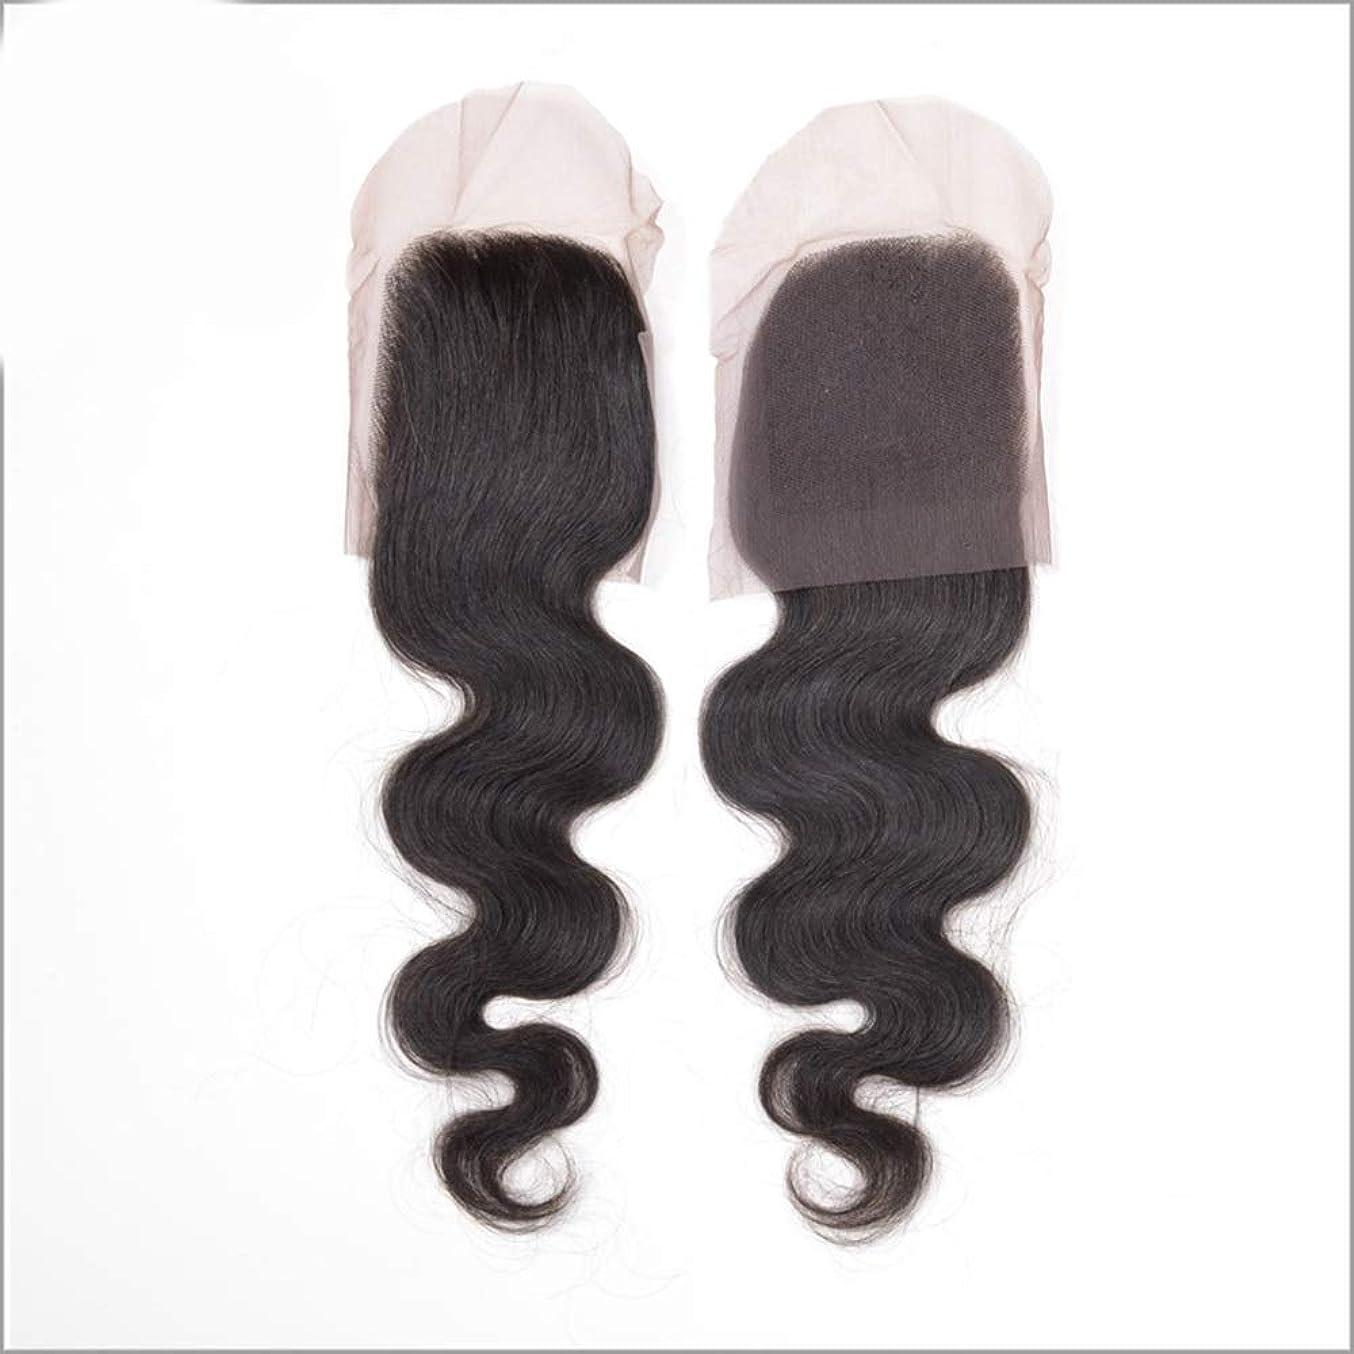 仮定認識懐YESONEEP ブラジル髪織りバンドルで閉鎖レース前頭4×4フリーパート実体波フルレースナチュラルヘアエクステンション用女性複合ヘアレースかつらロールプレイングかつら (色 : 黒, サイズ : 8 inch)